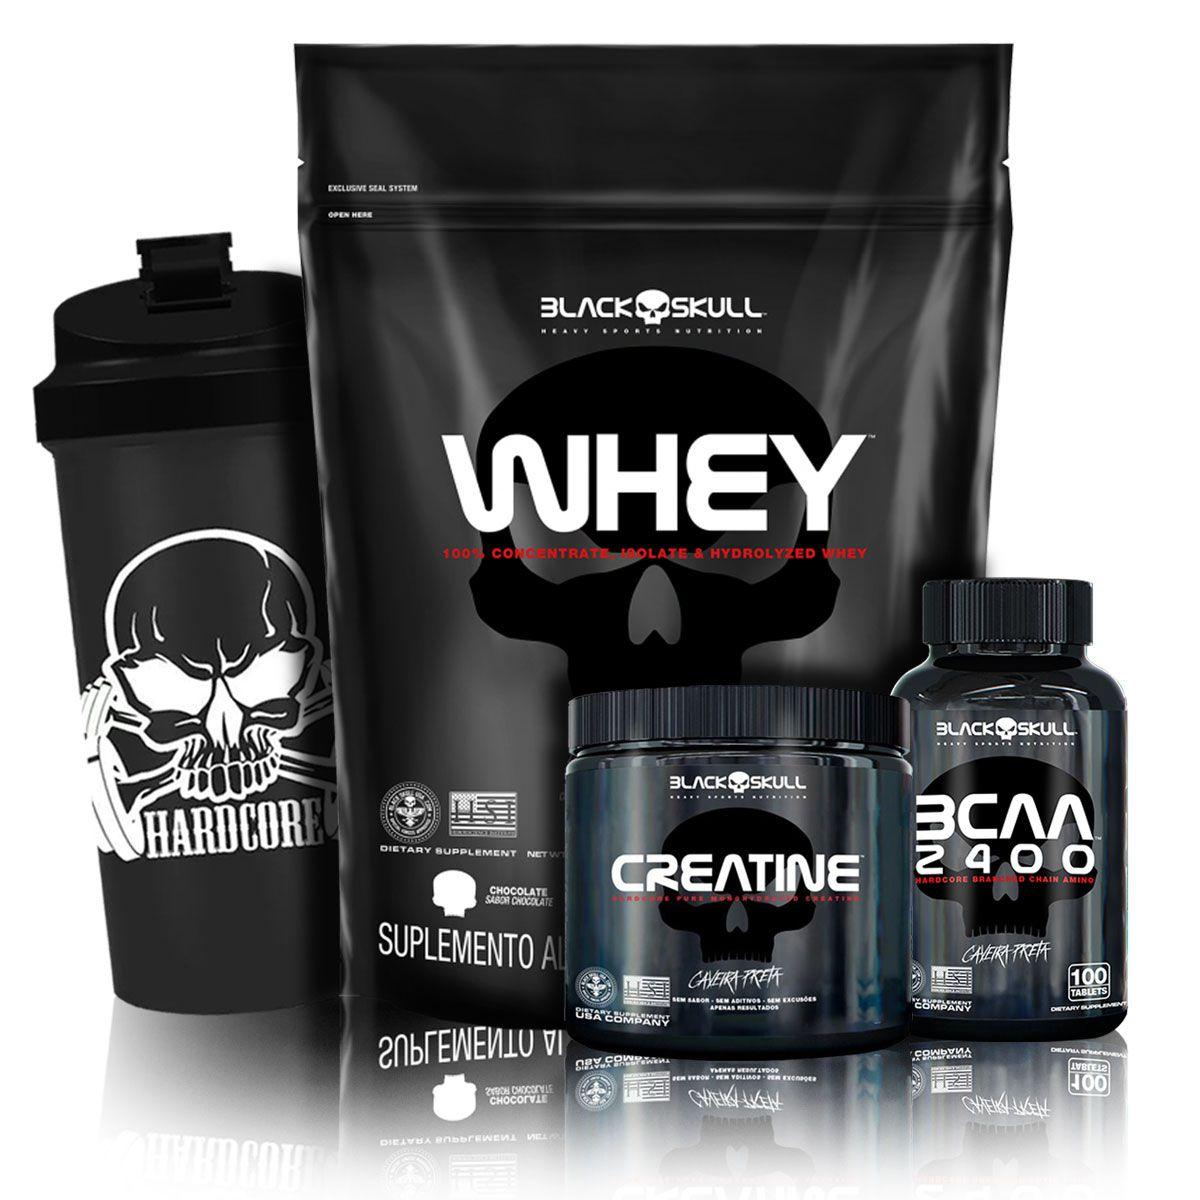 Kit Whey Protein 900g Refil + Crea 150g + BCAA 2400 100 Caps + Coqueteleira - Black Skull